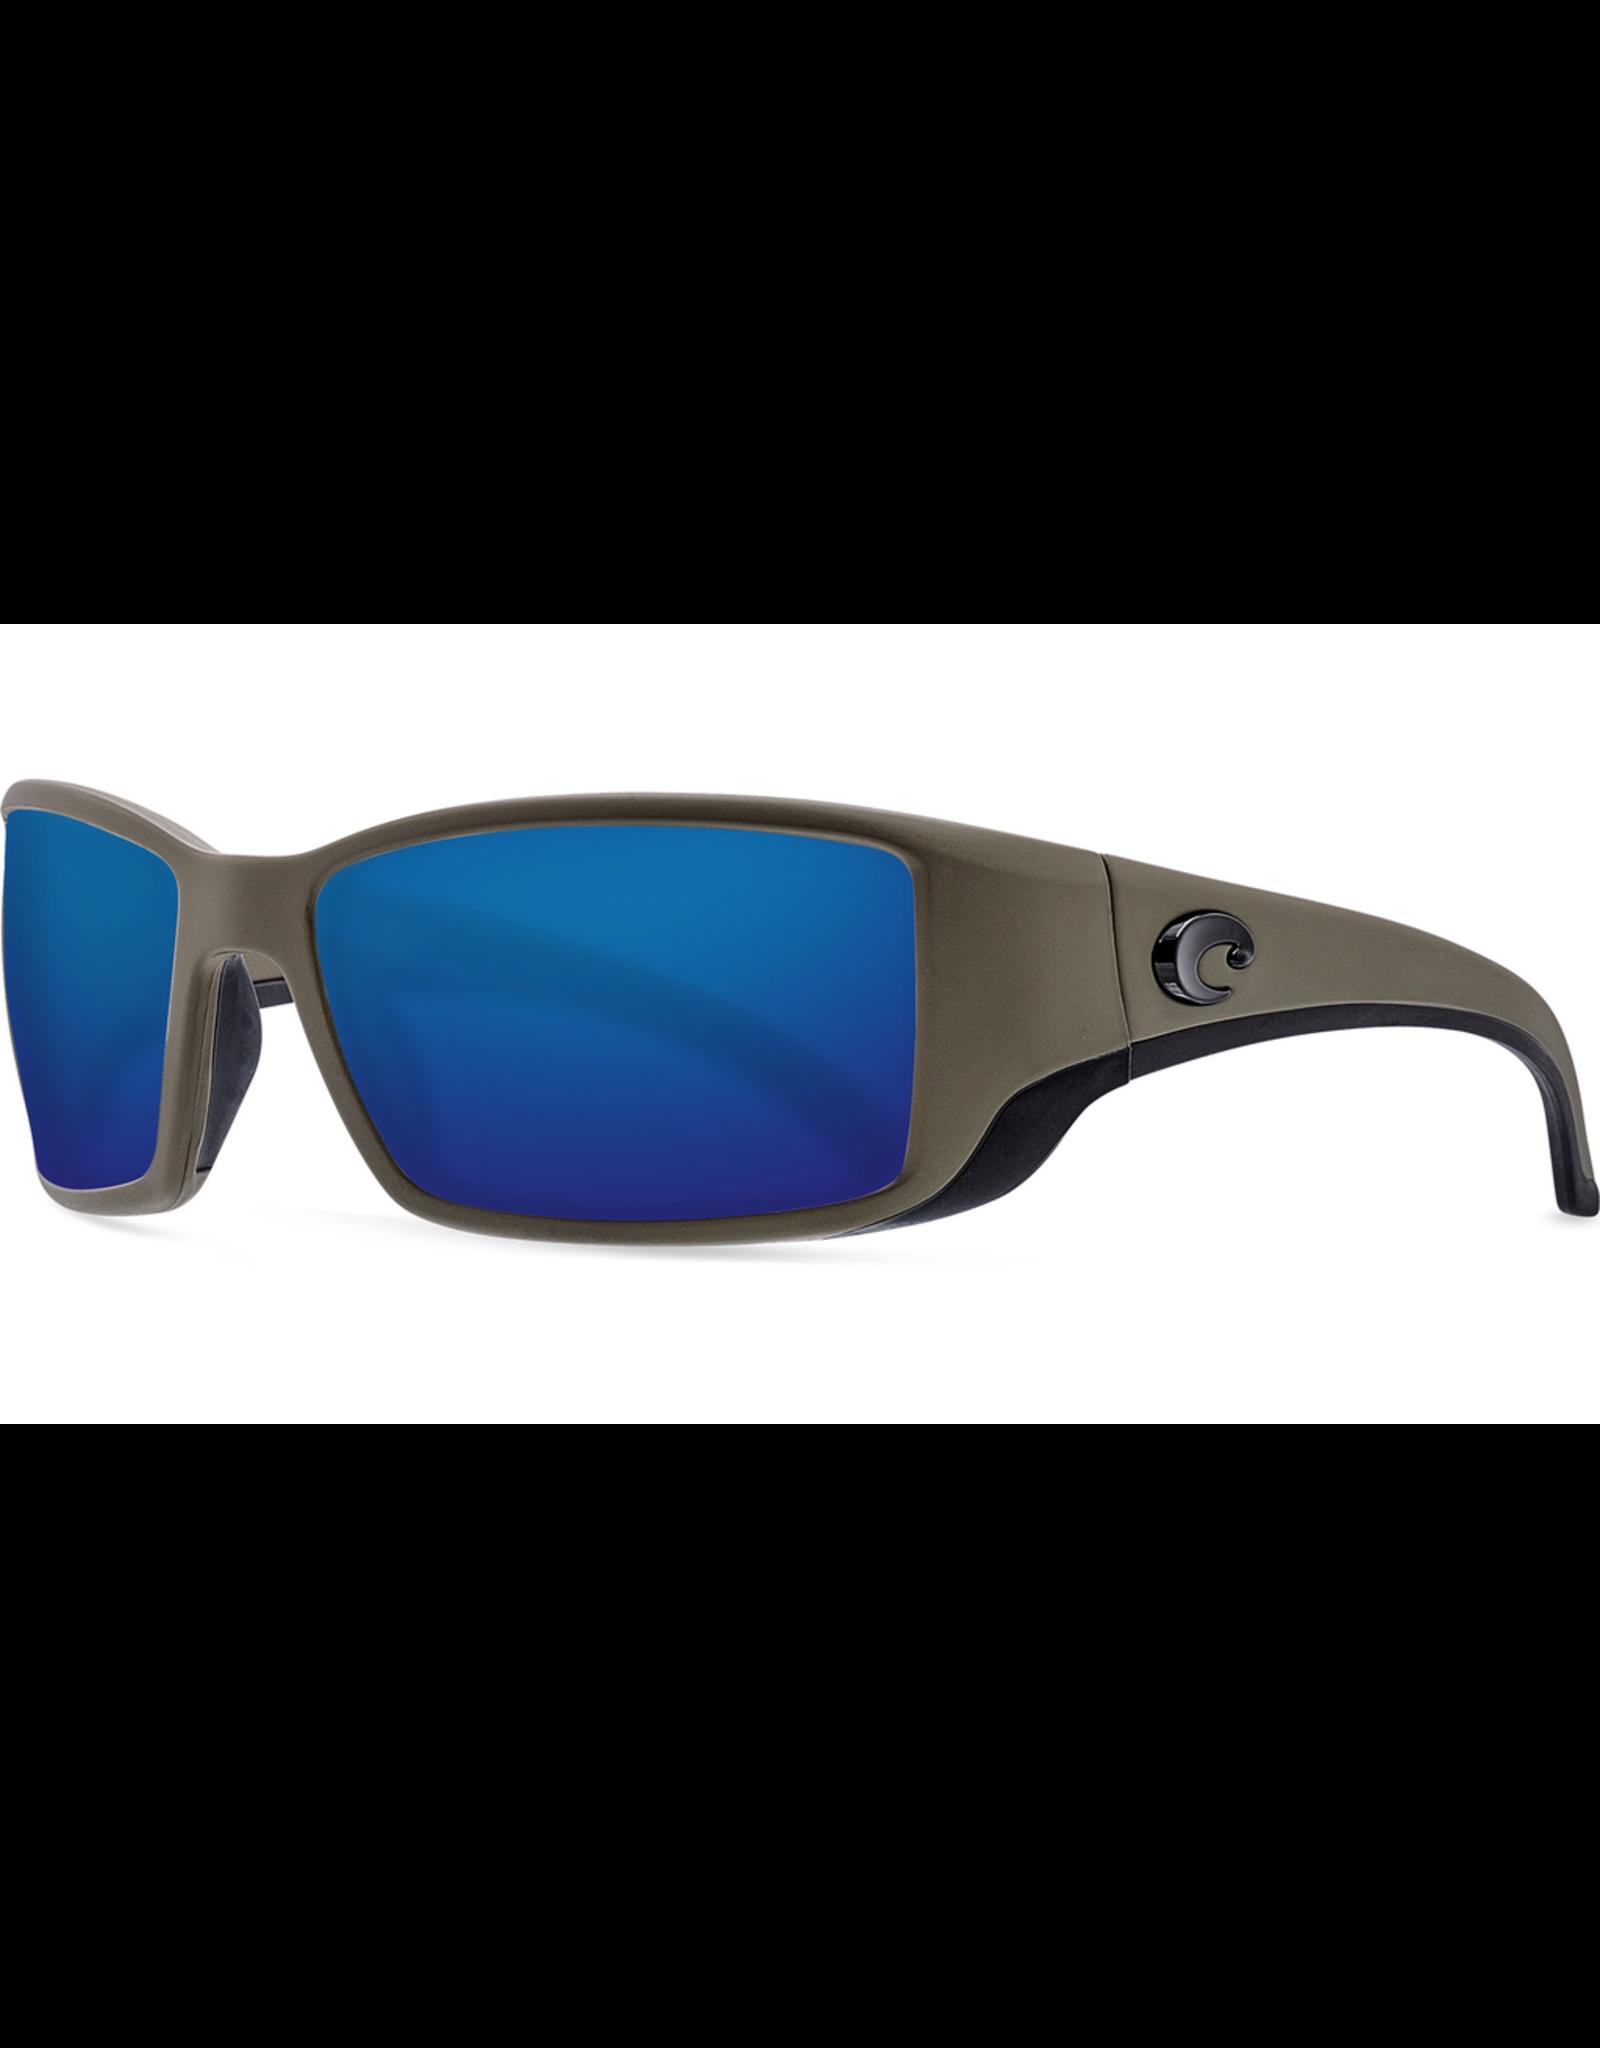 BLACKFIN - MOSS - BLUE MIRROR 580G